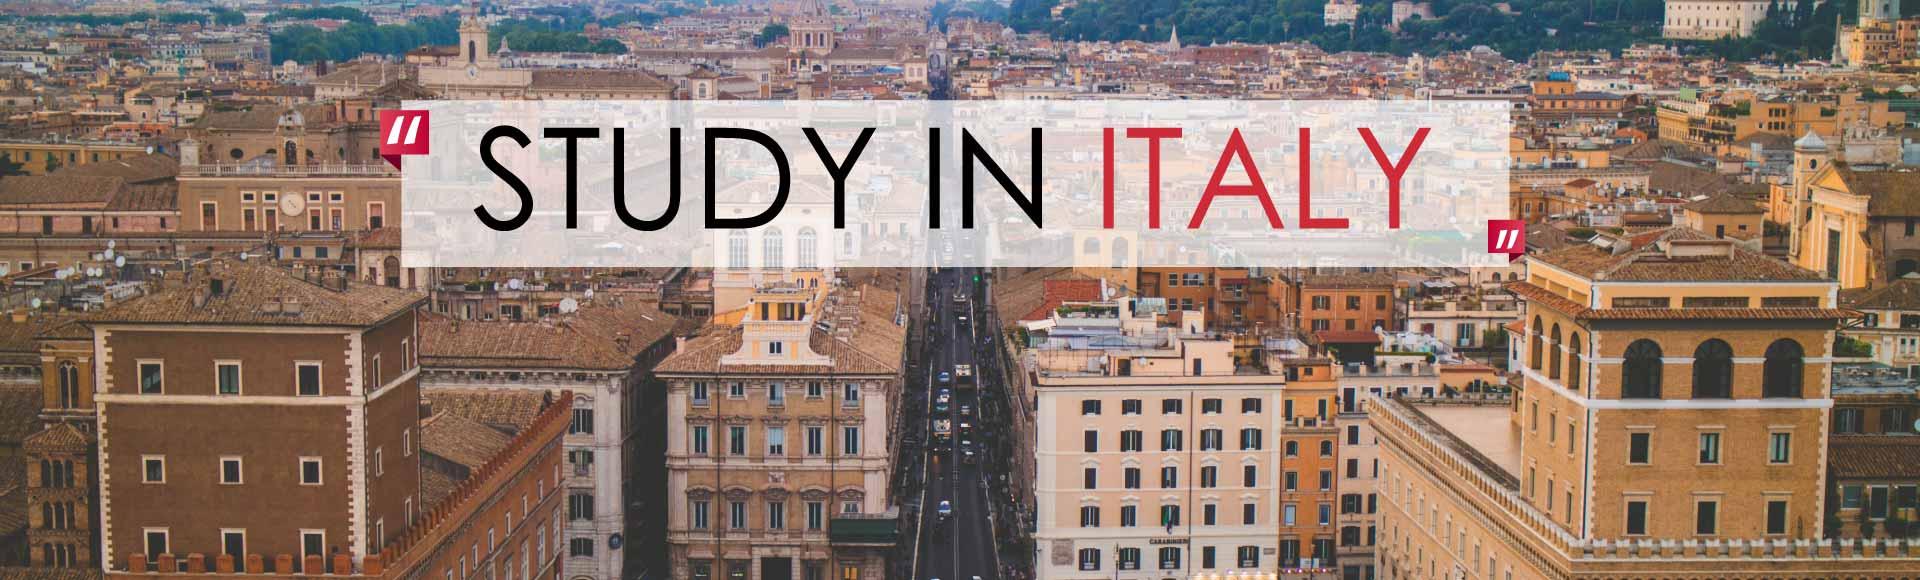 اقامت در ایتالیا از طریق تحصیل